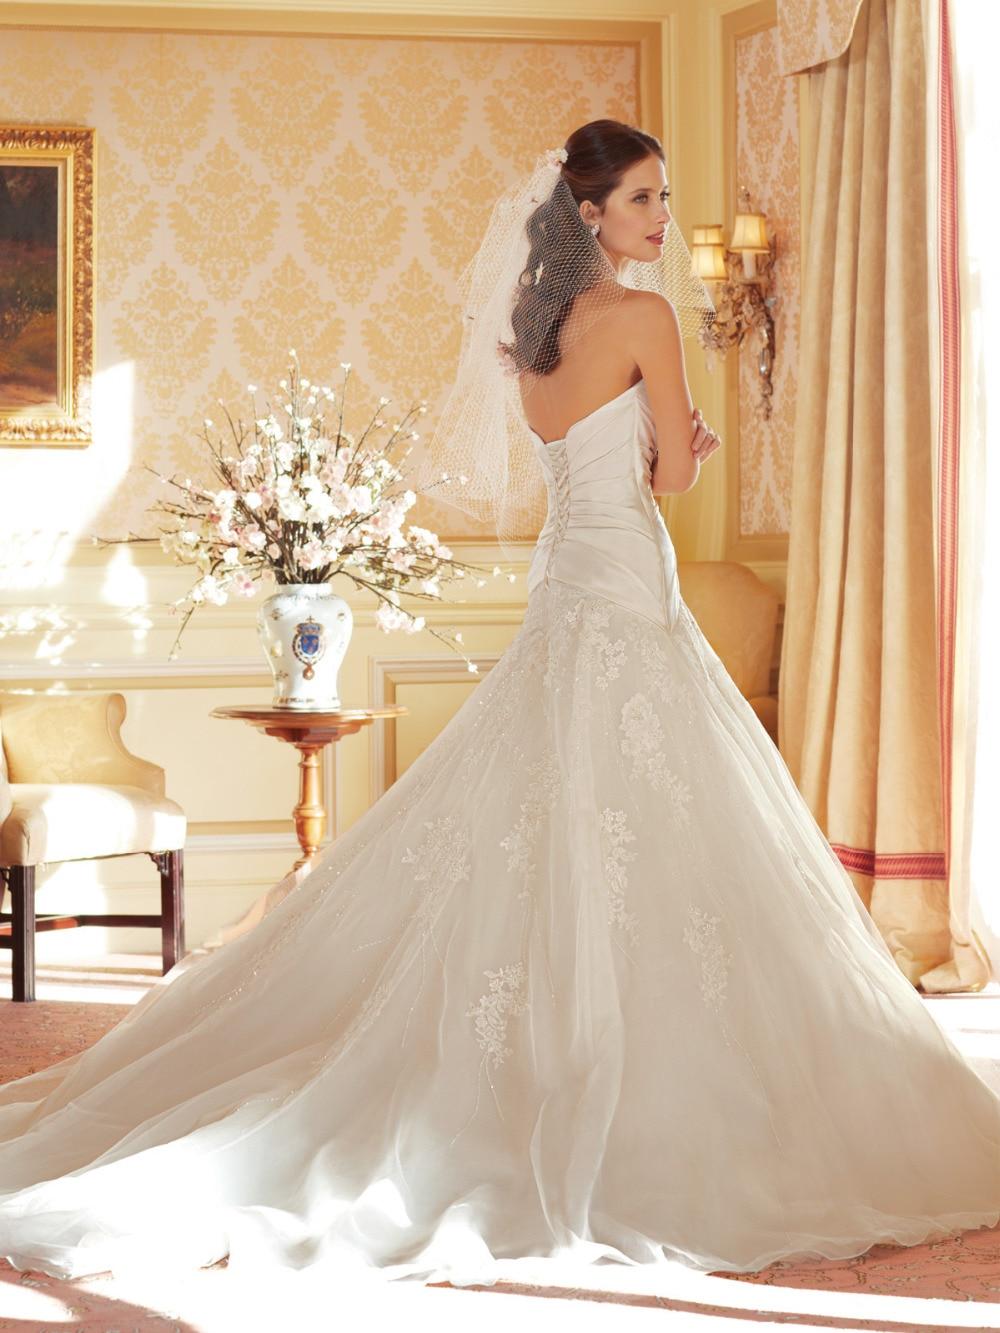 Berühmt Spitze Hochzeit Empfang Kleid Fotos - Hochzeit Kleid Stile ...